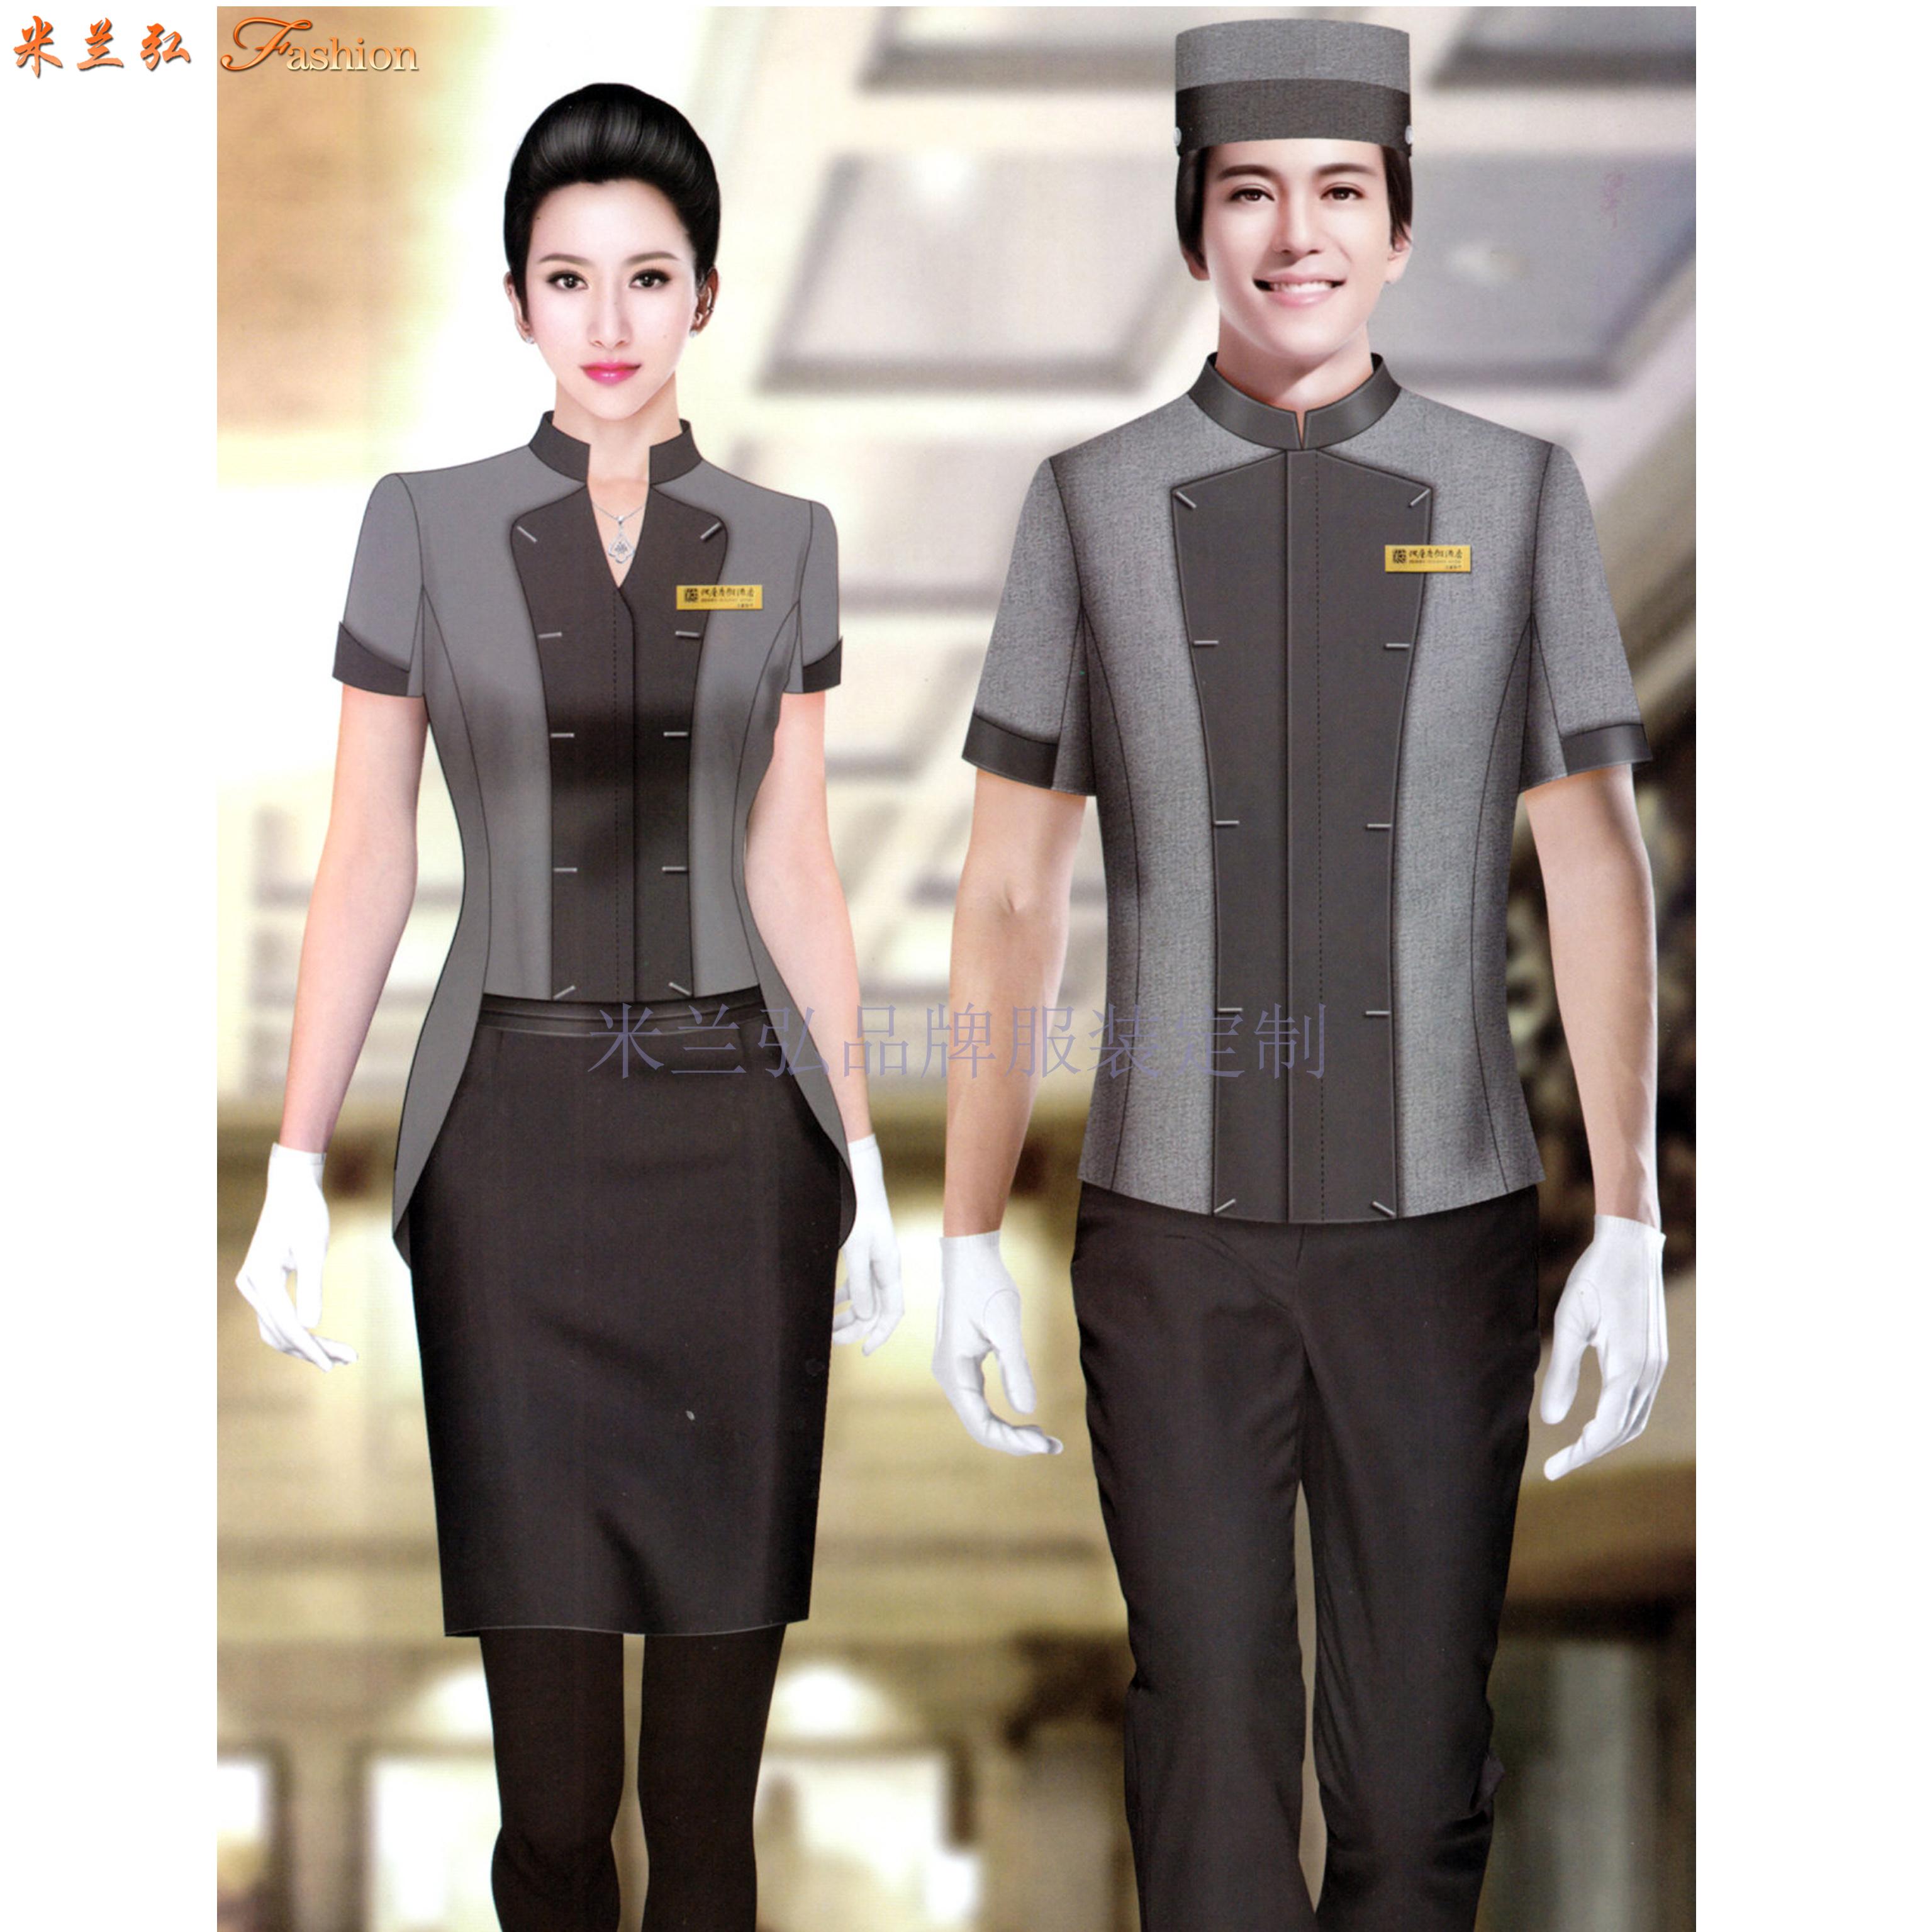 平涼酒店制服訂做-新穎潮流-米蘭弘服裝-2